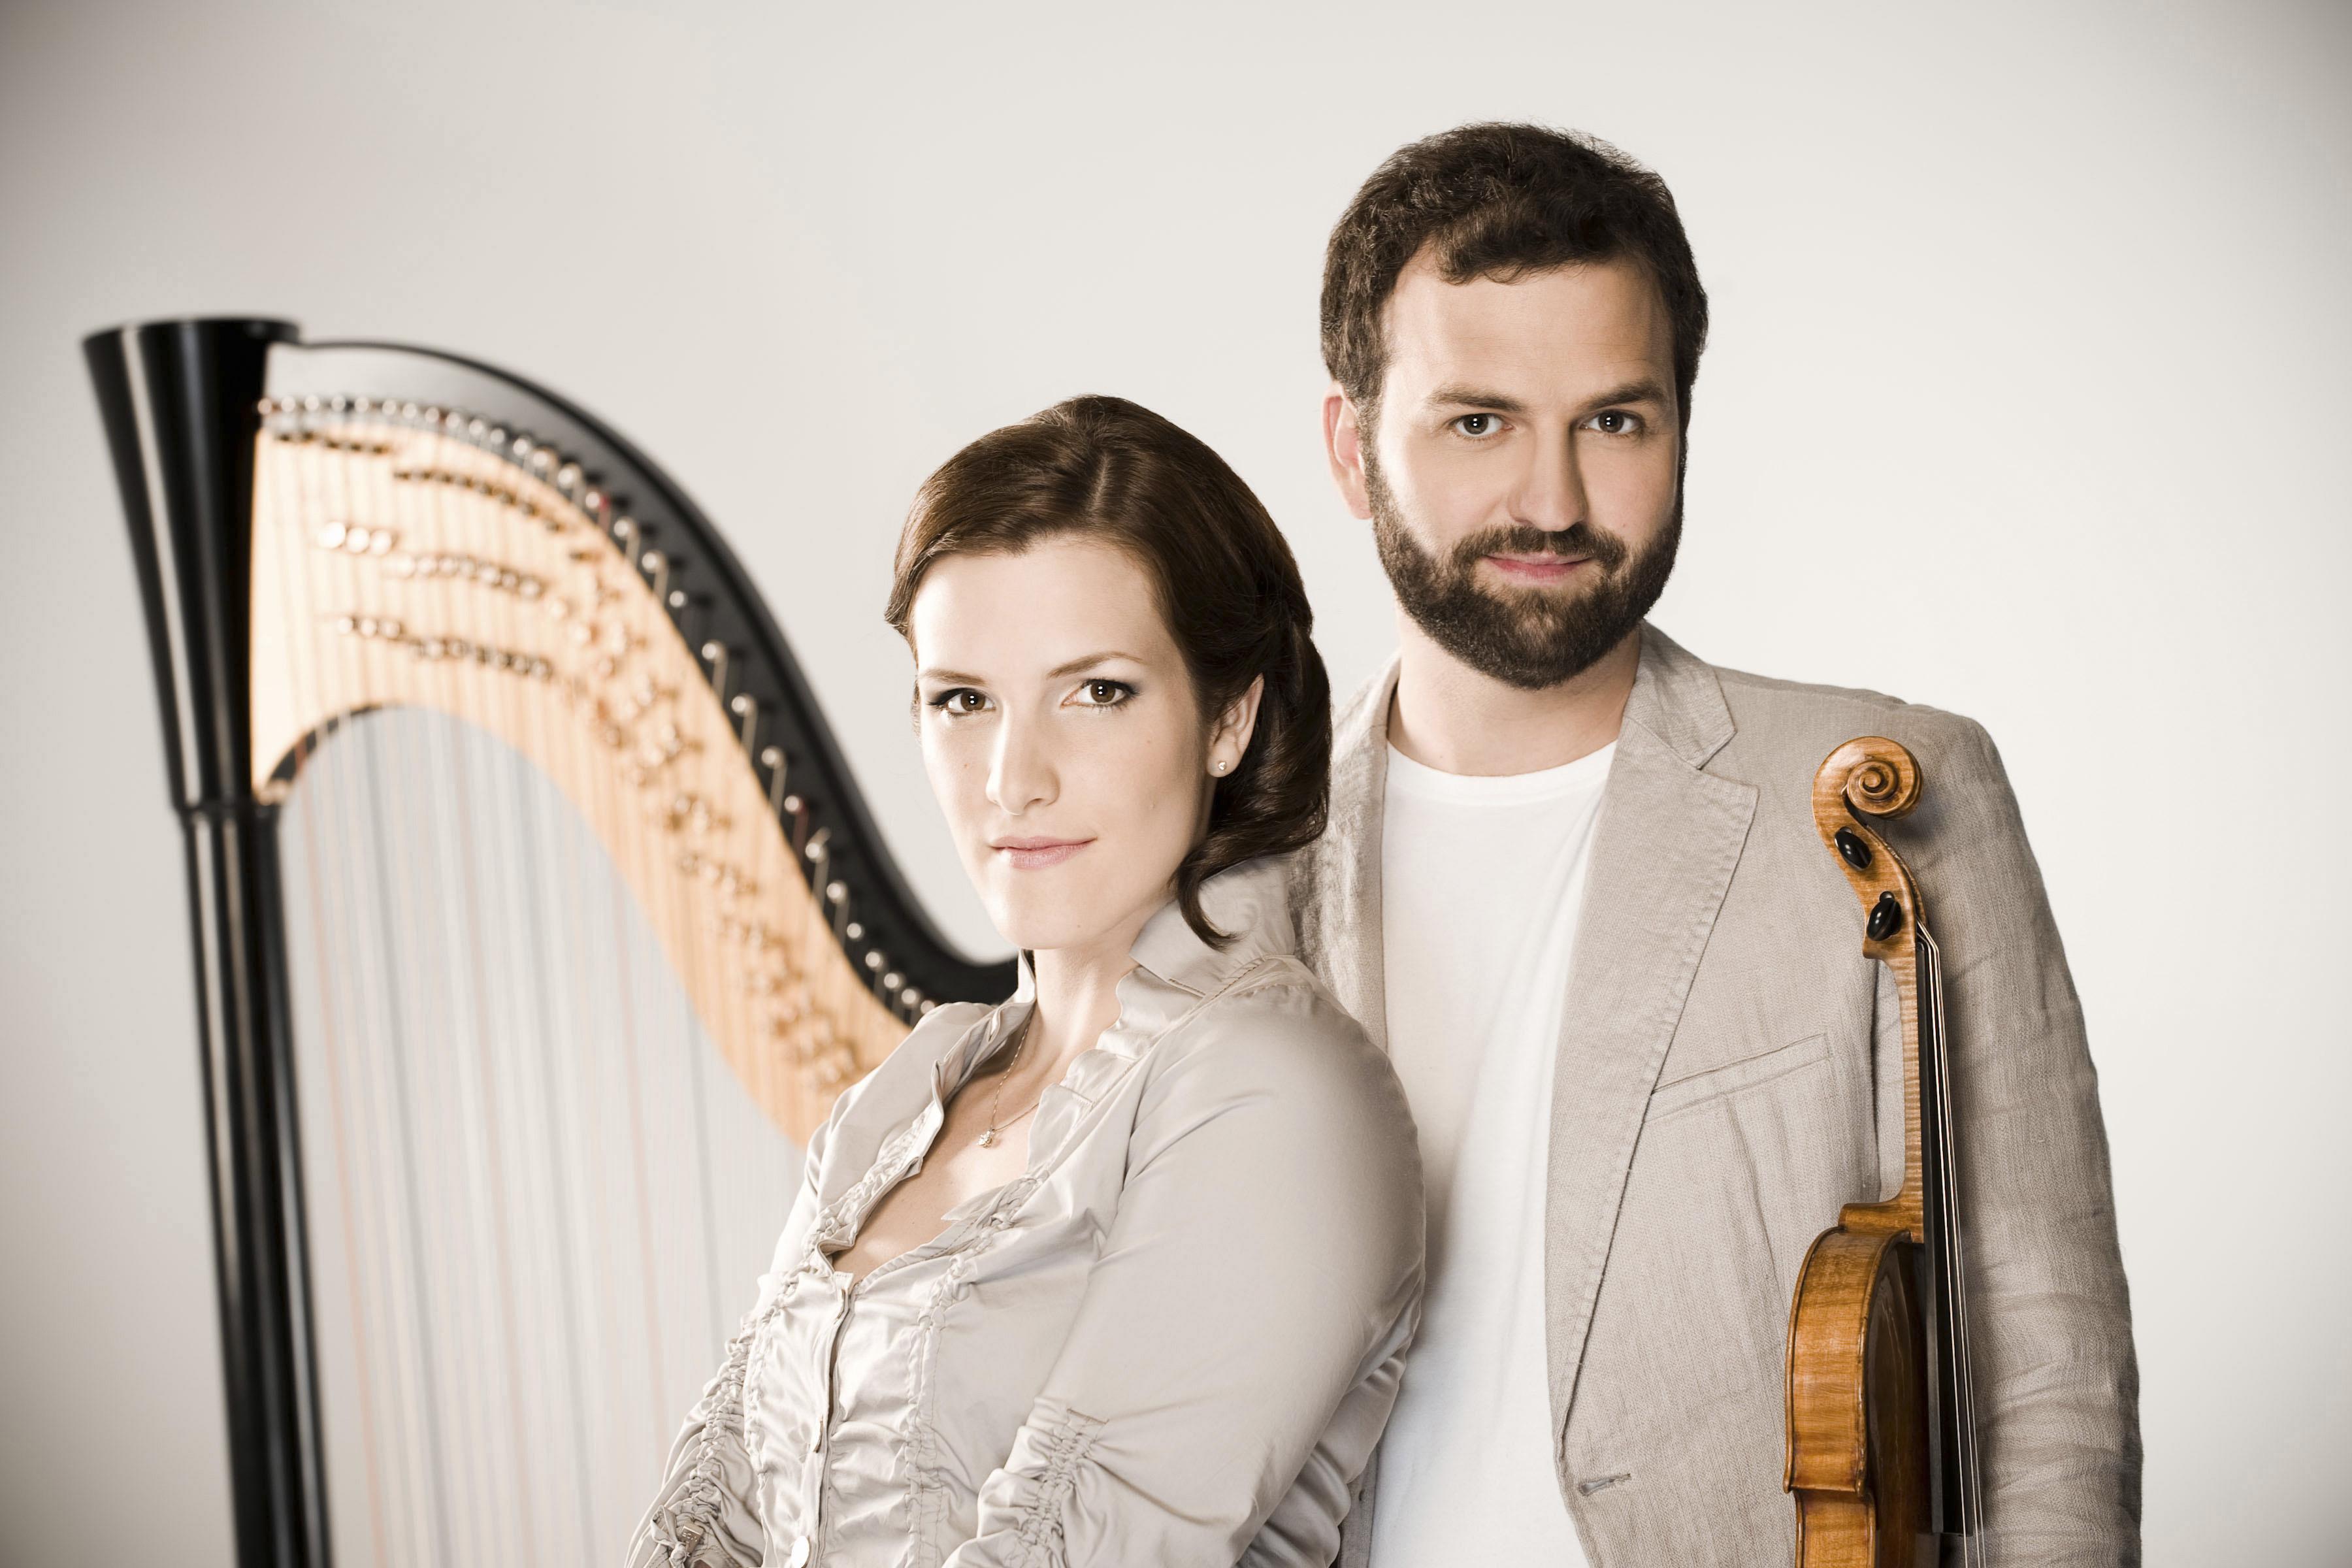 Valérie Milot & Antoine Bareil - concert in Poznań (24.06.2017, 08:00 PM)